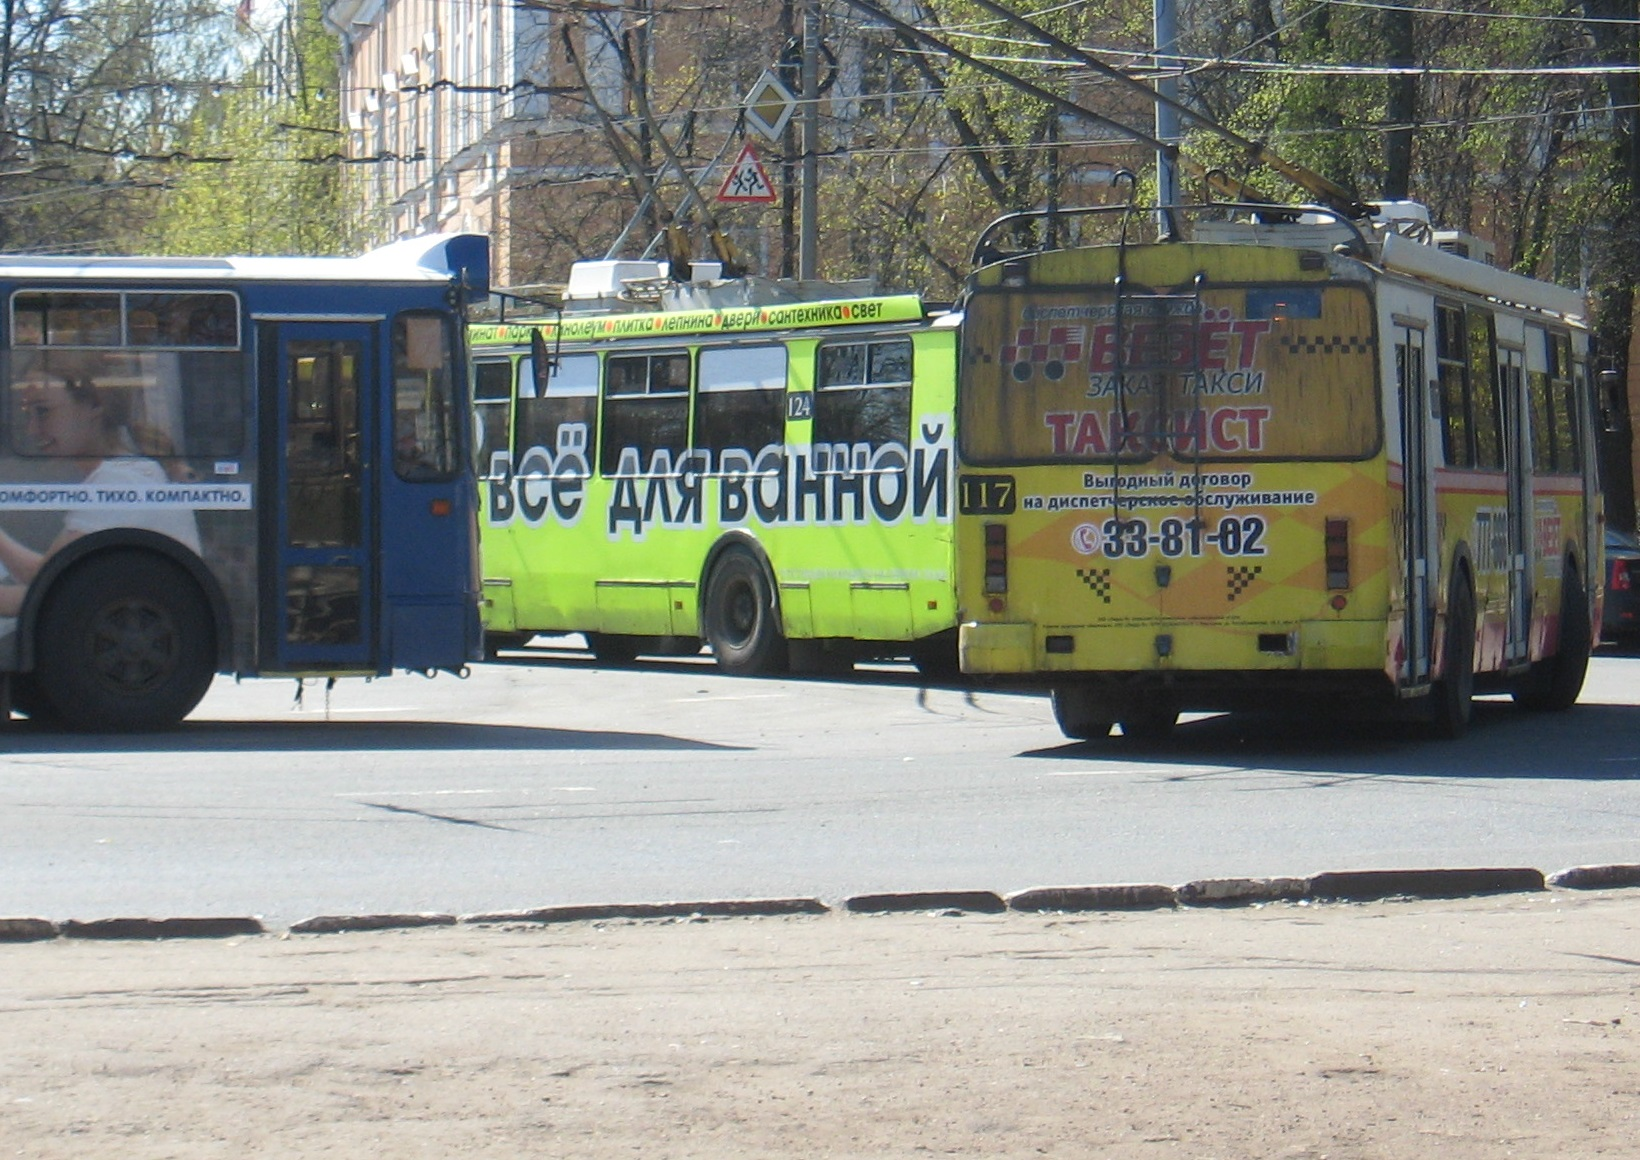 Спасти общественный транспорт Ярославля!